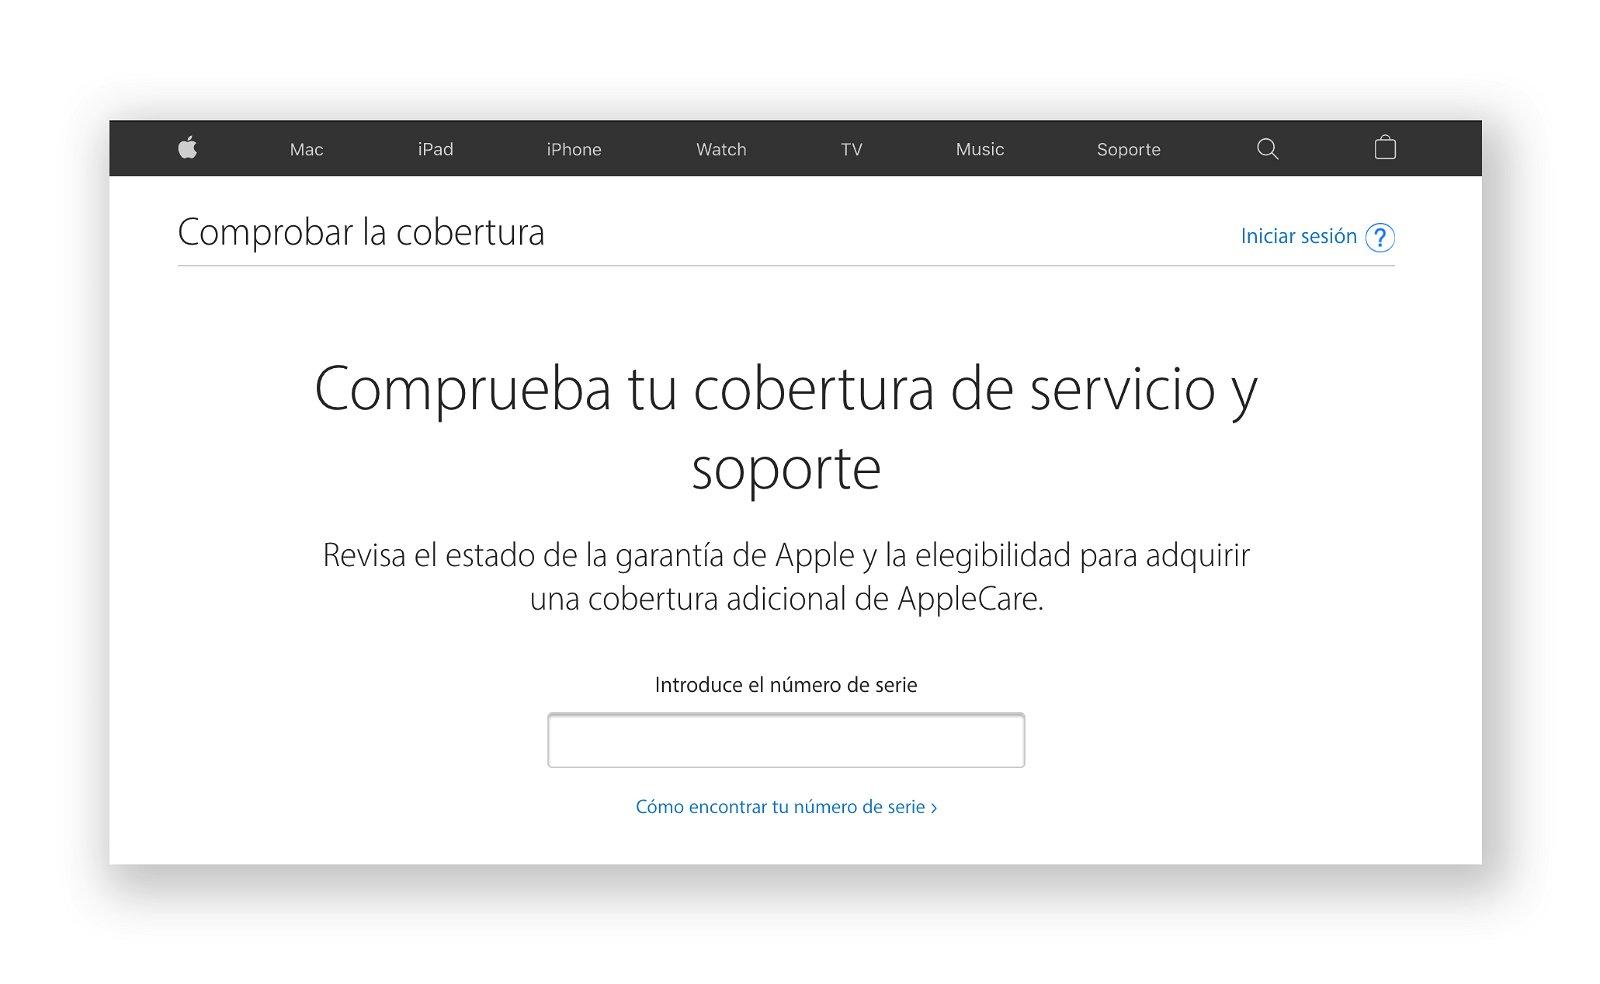 Página web para la comprobación de la cobertura y el soporte del os dispositivos Apple